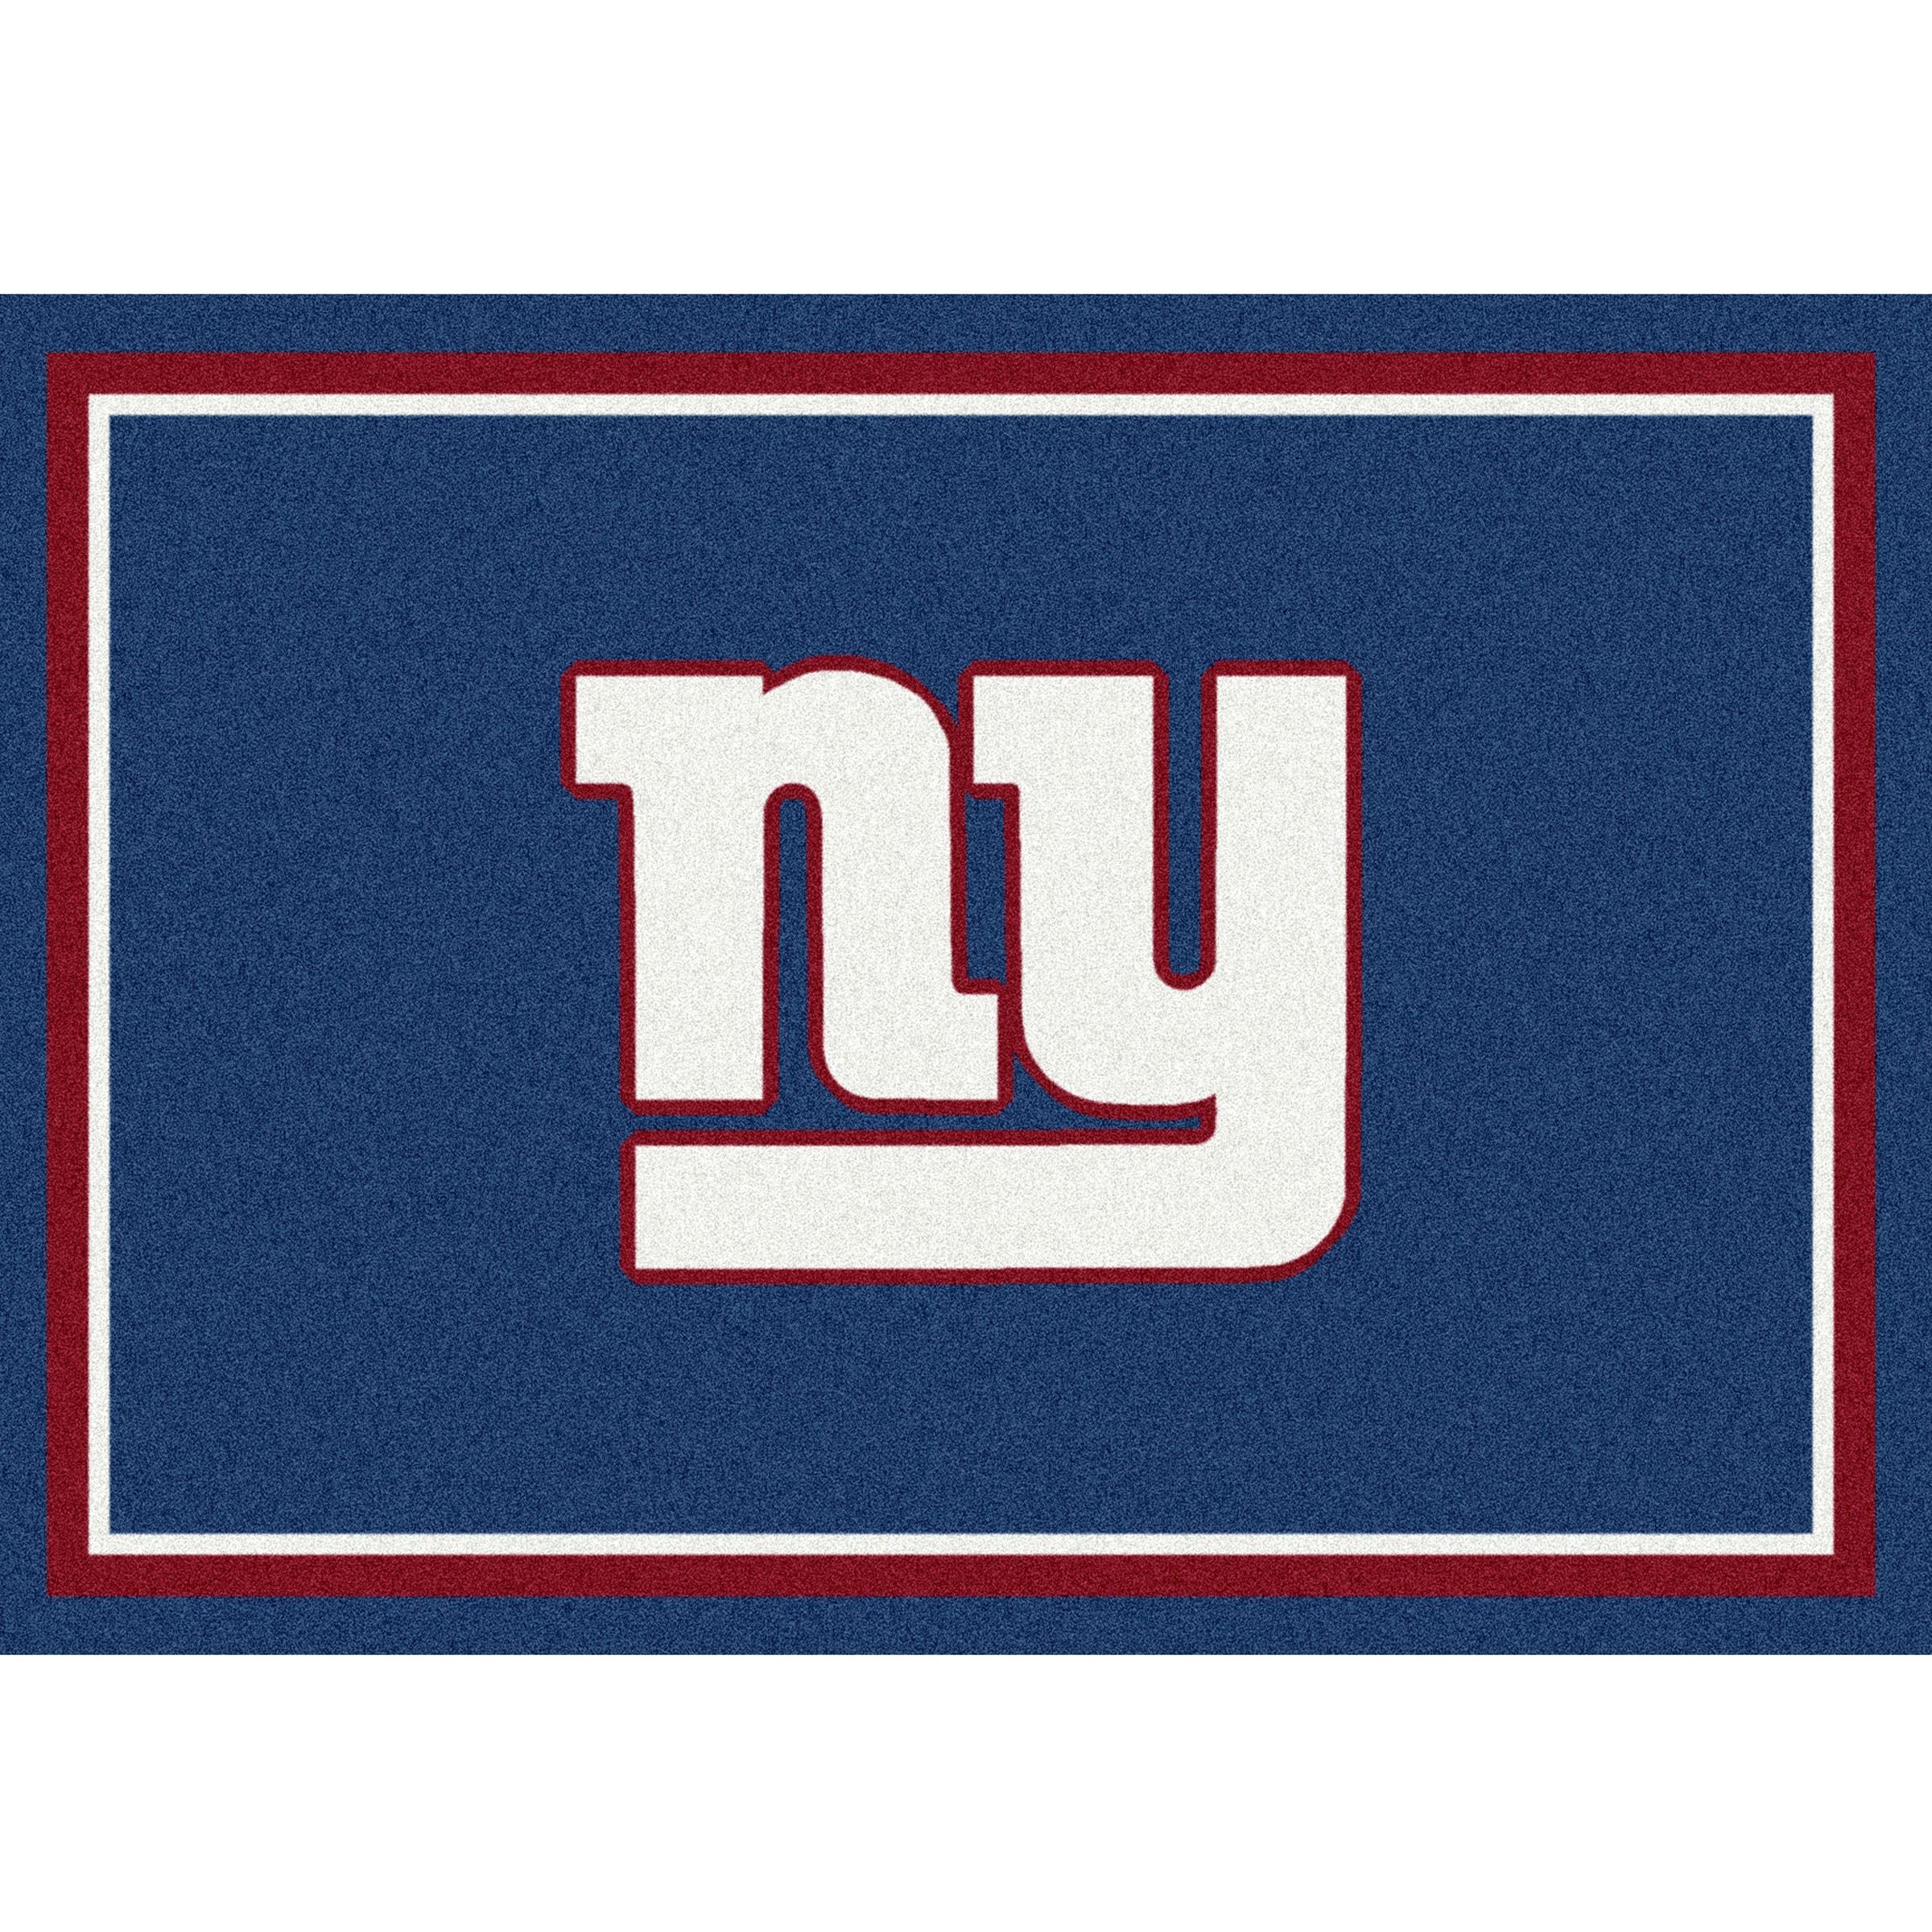 New York Giants Imperial 6' x 8' Spirit Rug